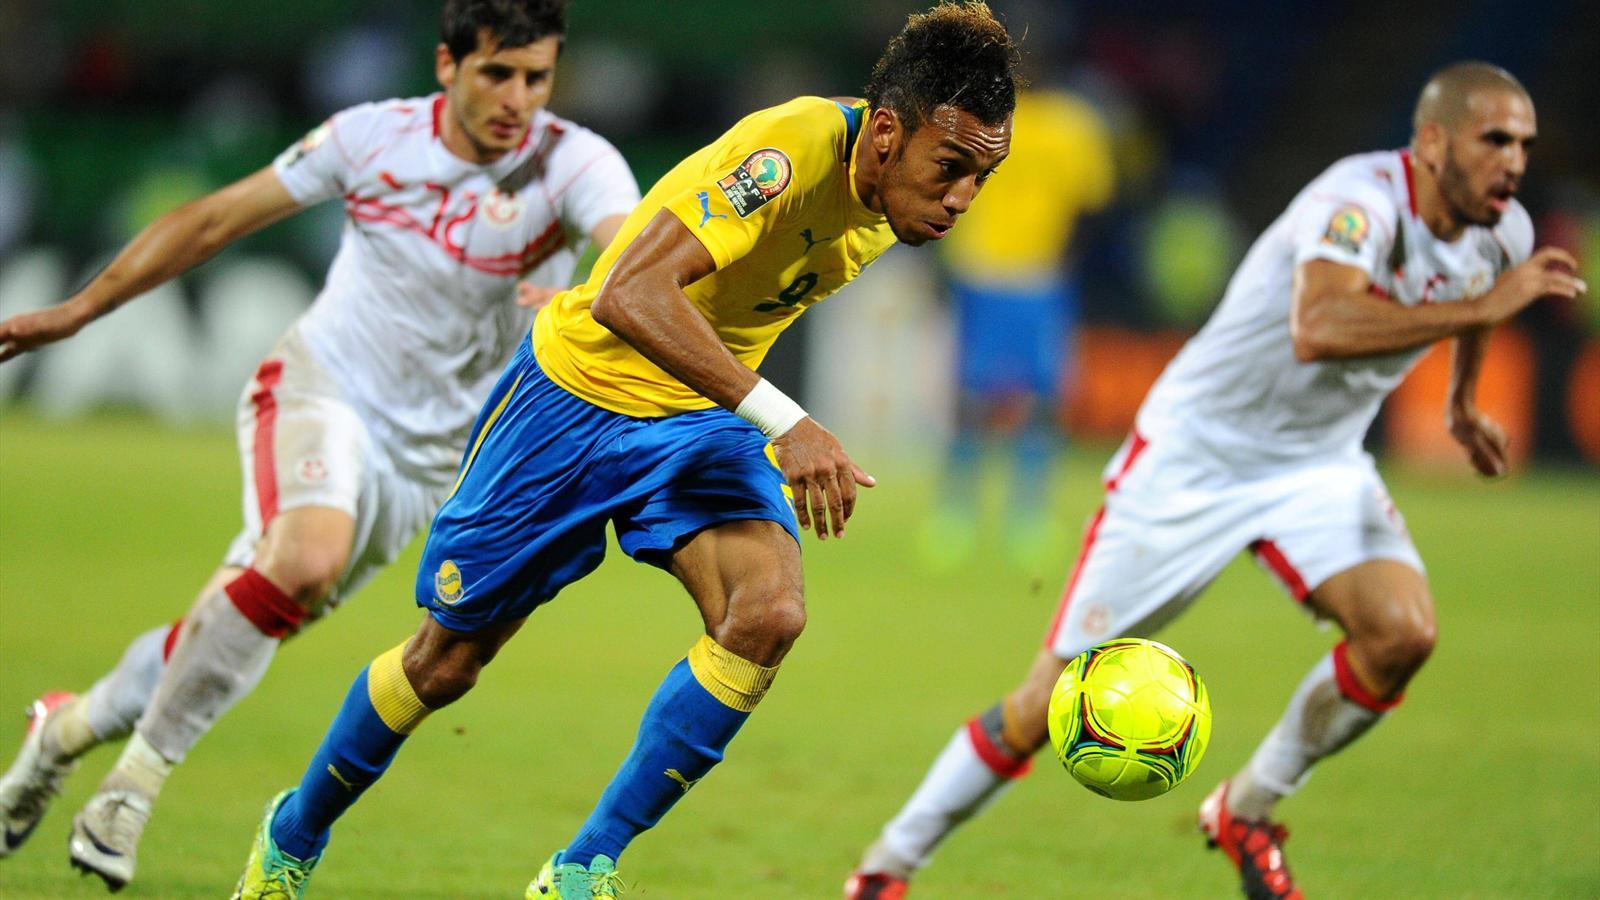 En direct live burkina faso gabon coupe d 39 afrique des nations 17 janvier 2015 eurosport - Regarder coupe d afrique en direct ...